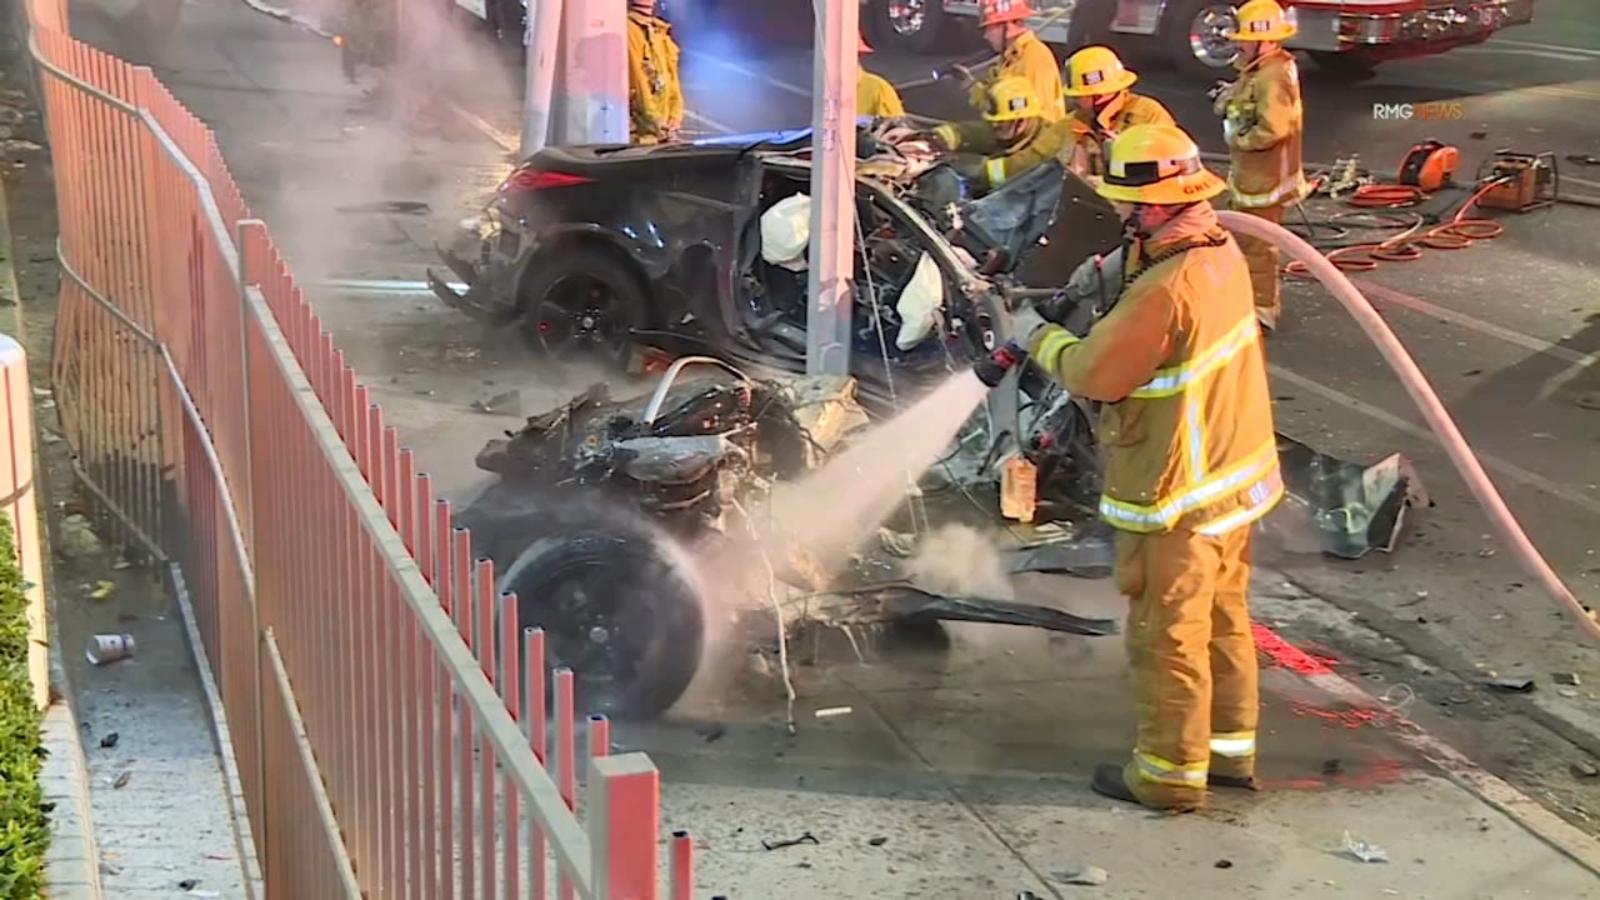 Pacoima: Violent crash leaves driver dead, car split in half